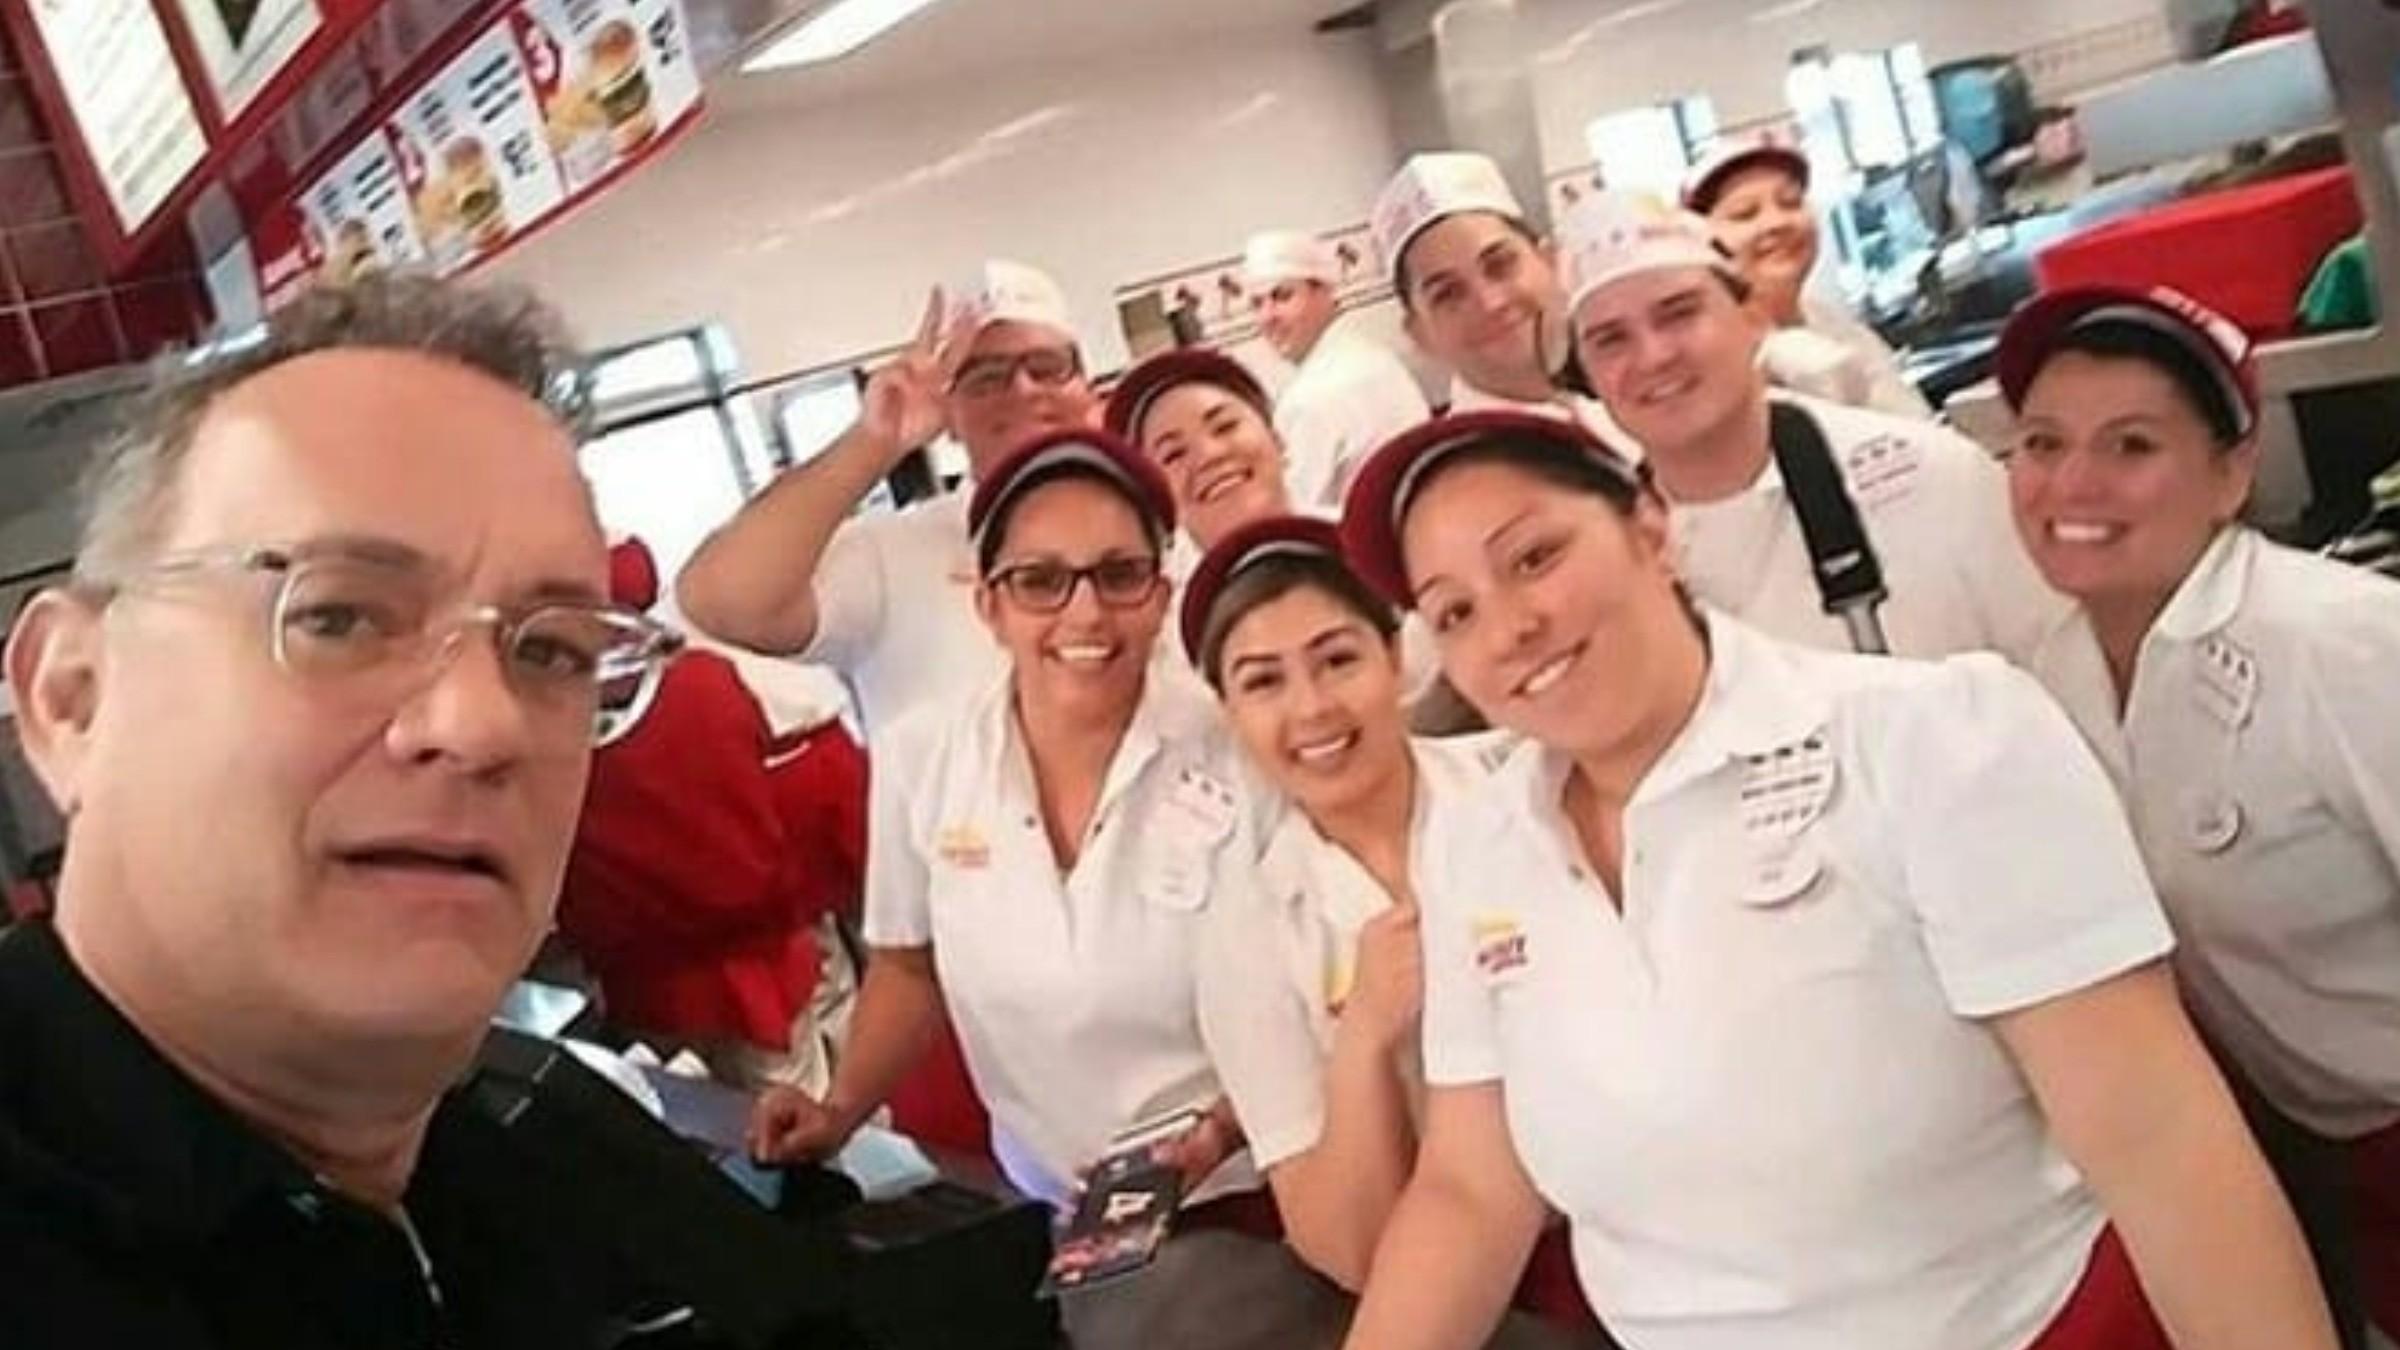 Том Хэнкс бесплатно накормил гамбургерами всех посетителей ресторана фаст-фуд